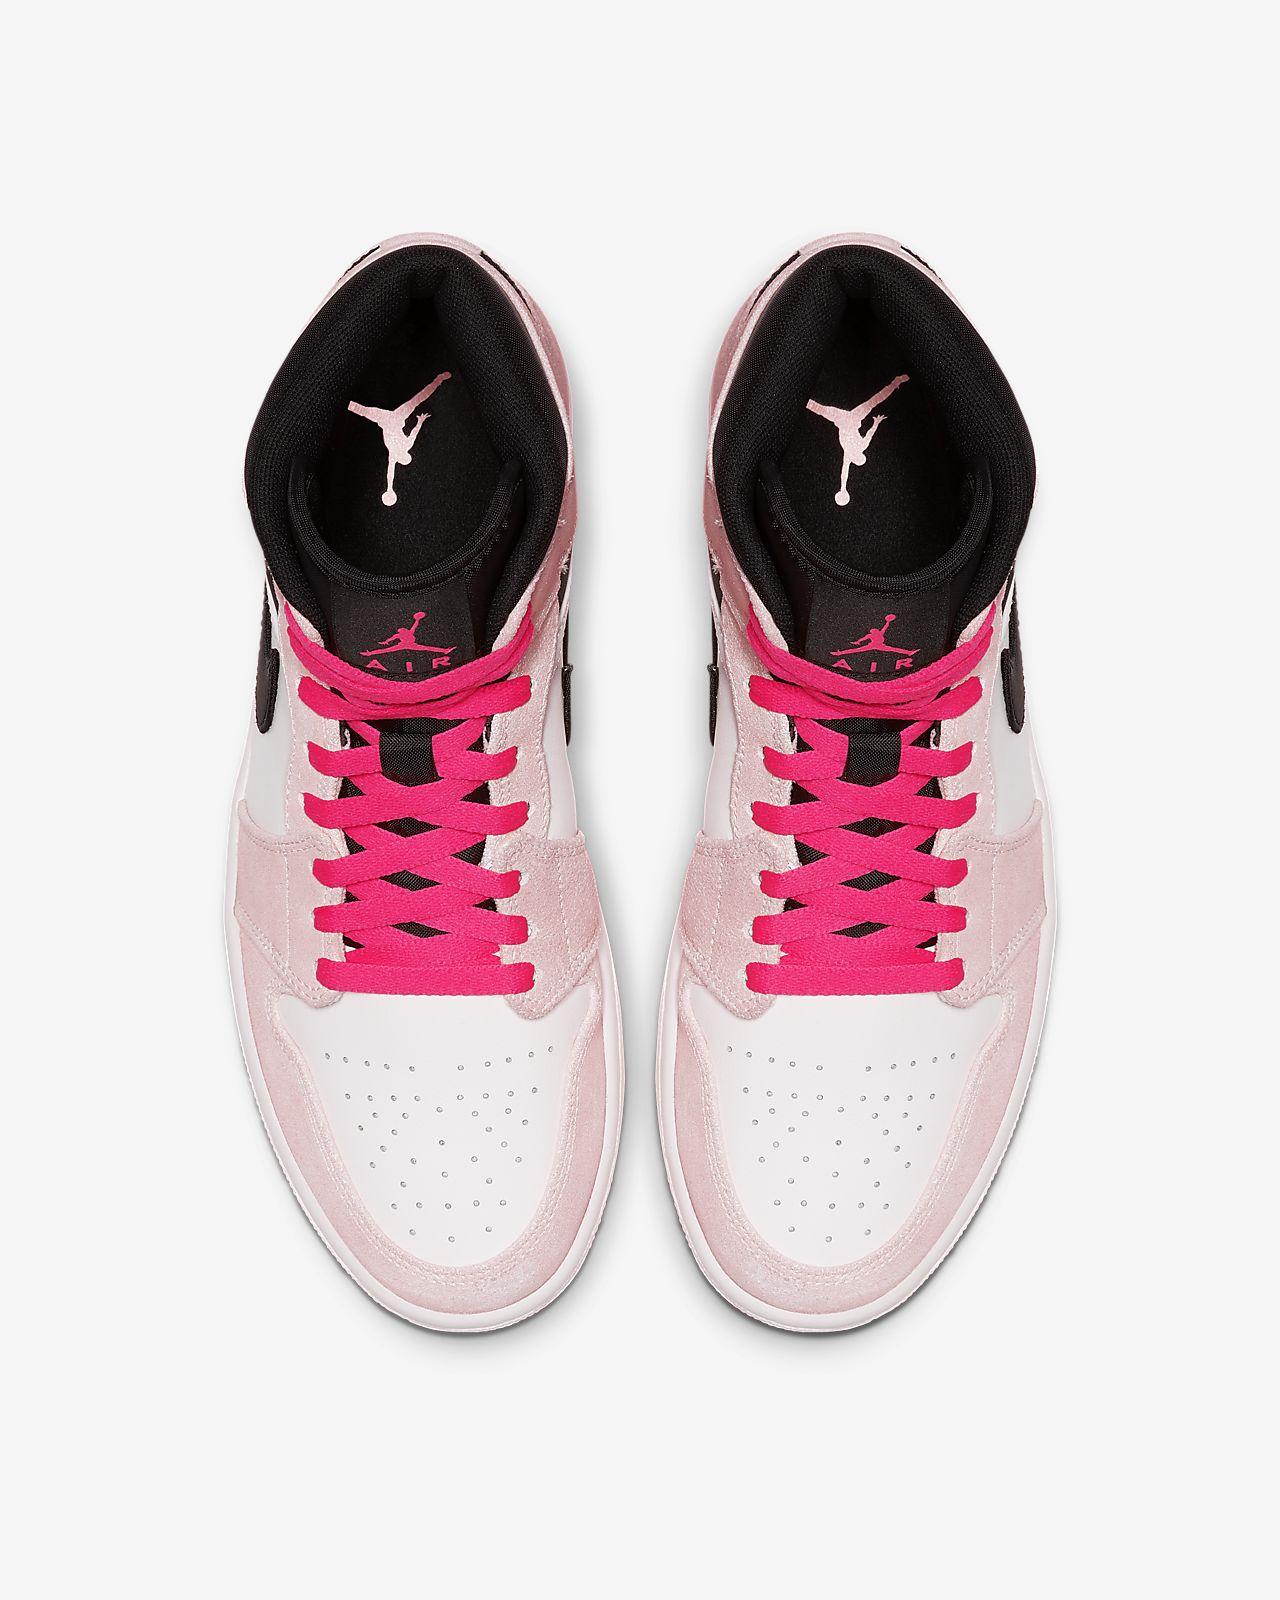 san francisco a6e13 94f42 ... Air Jordan 1 Mid SE Men s Shoe